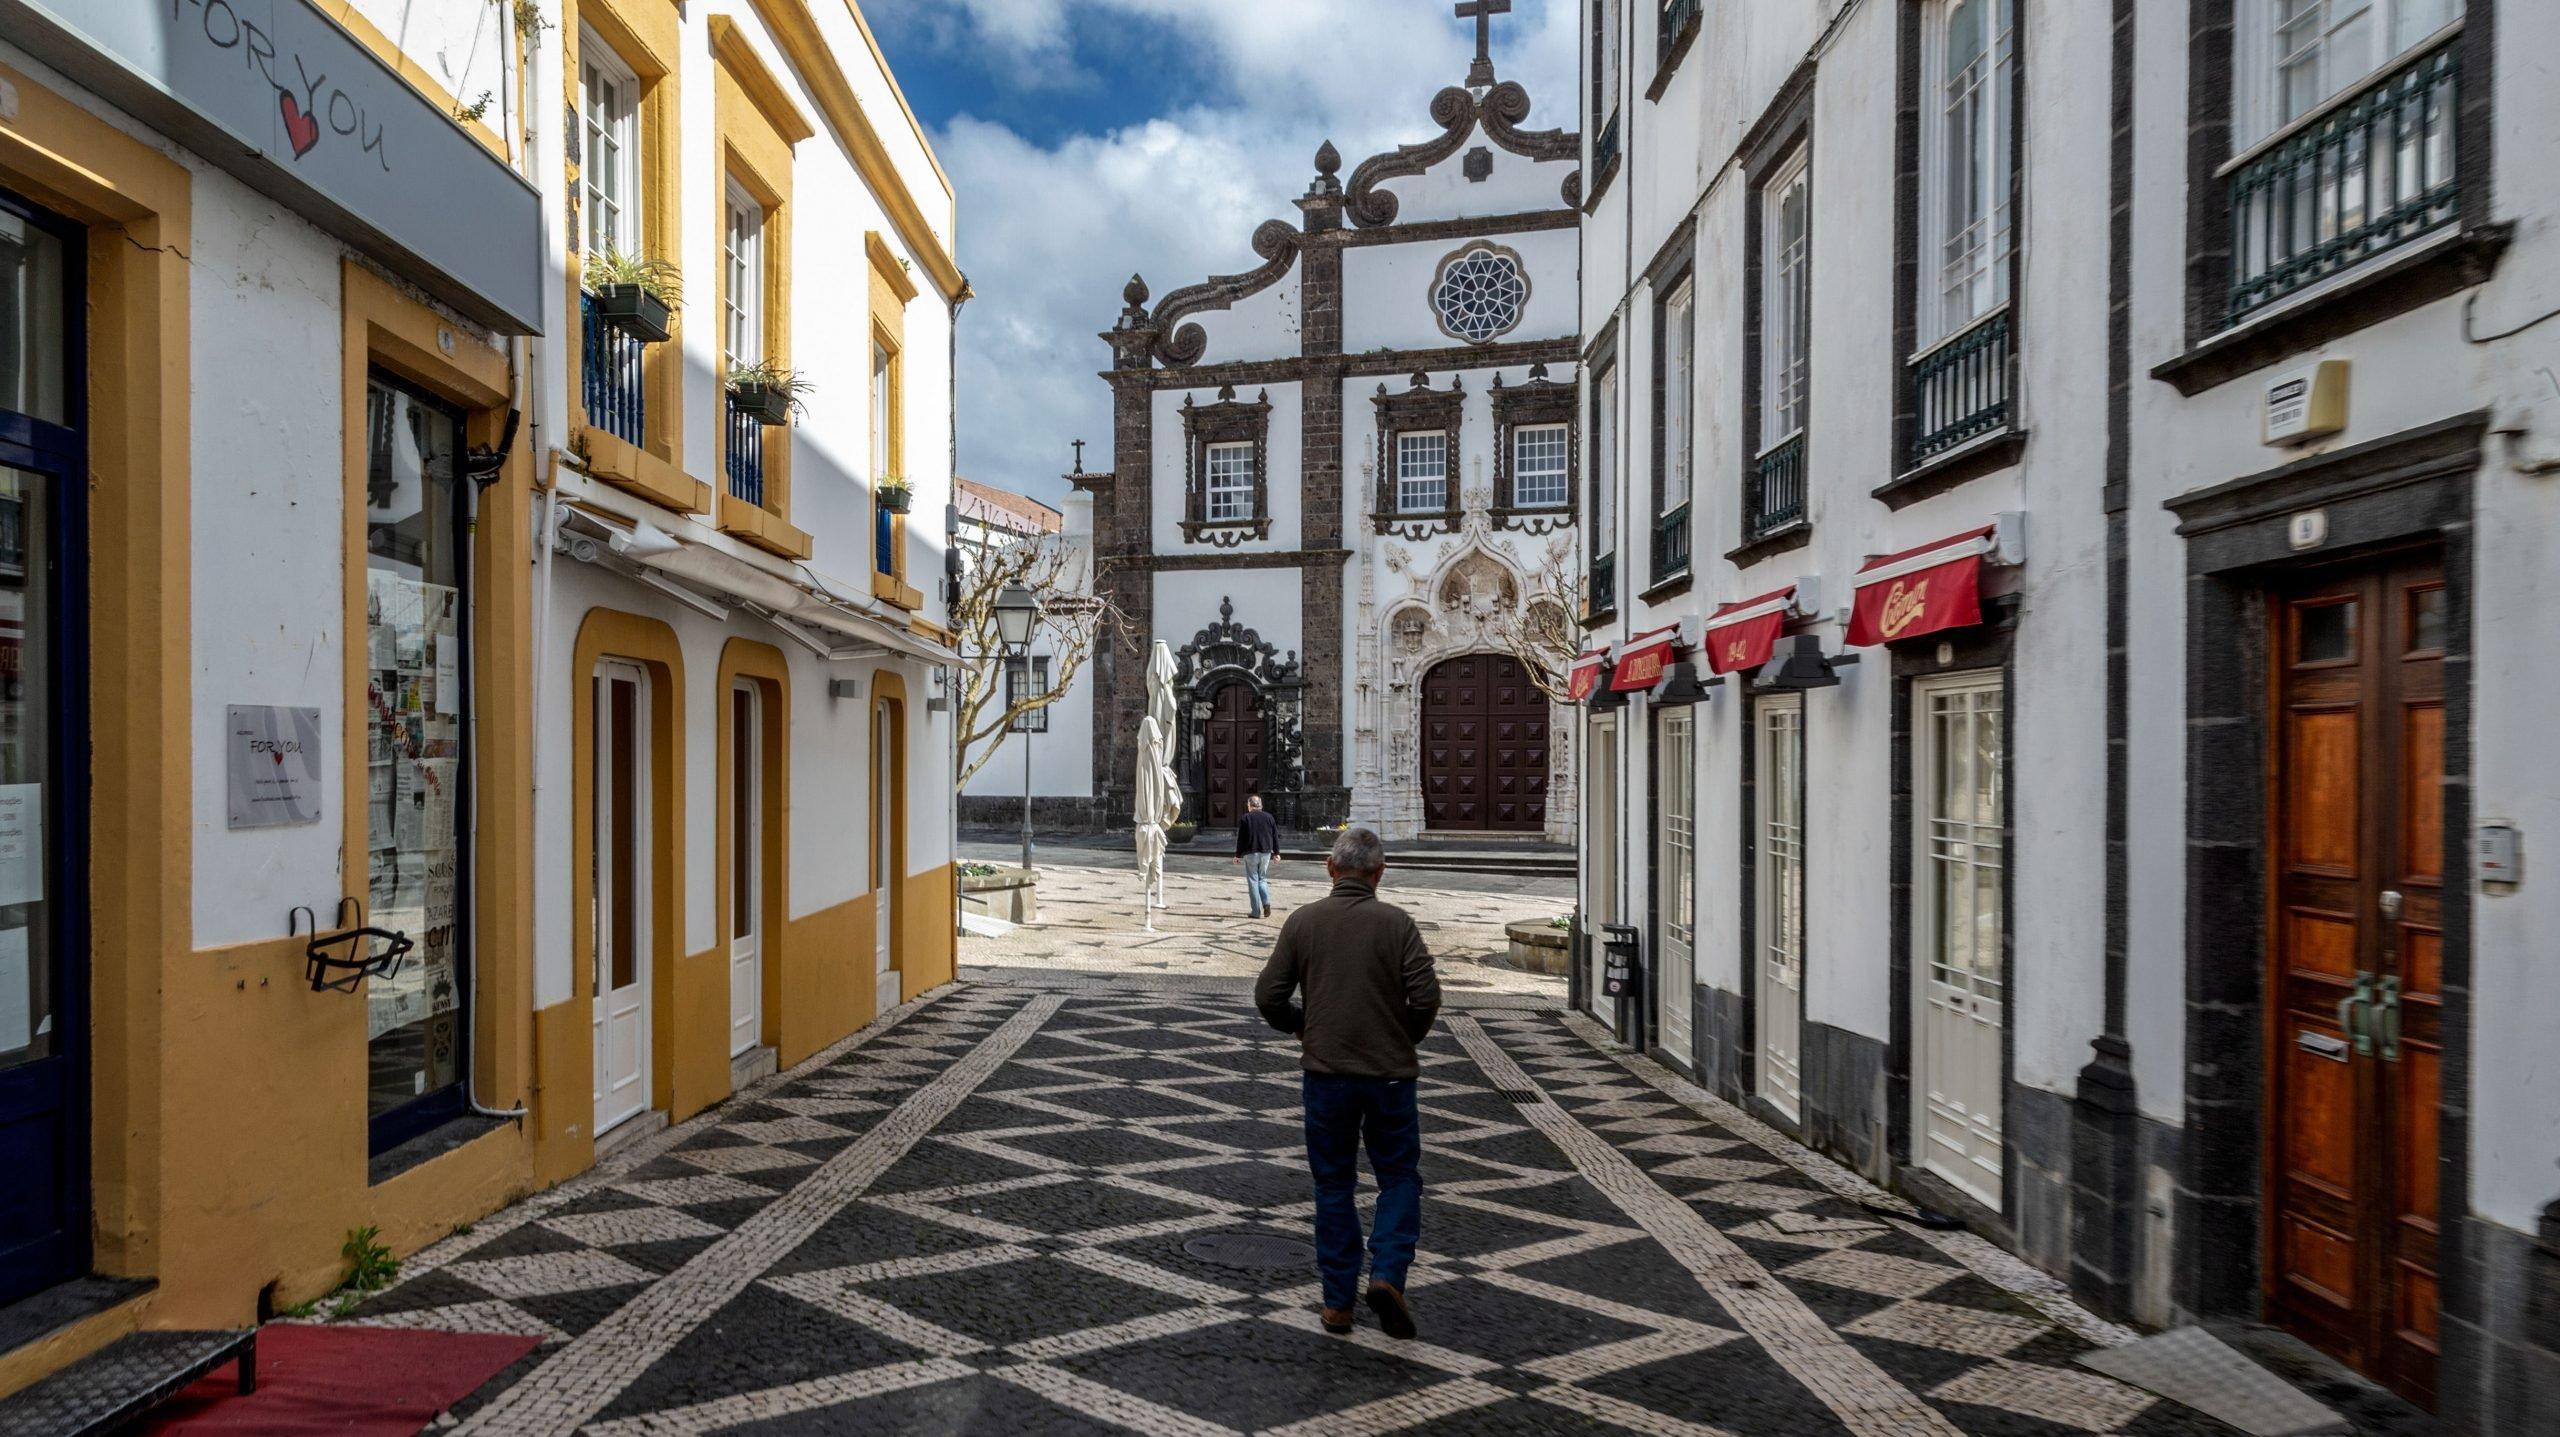 A pandemia de covid-19 deixou Ponta Delgada praticamente deserta. As poucas pessoas que circulavam hoje no centro da cidade açoriana foram tratar de serviços essenciais e os poucos empresários que mantinham as portas abertas mostravam-se apreensivos, Ponta Delgada, Ilha de São Miguel, Açores, 25 de março d 2020. (ACOMPANHA TEXTO) EDUARDO COSTA /LUSA